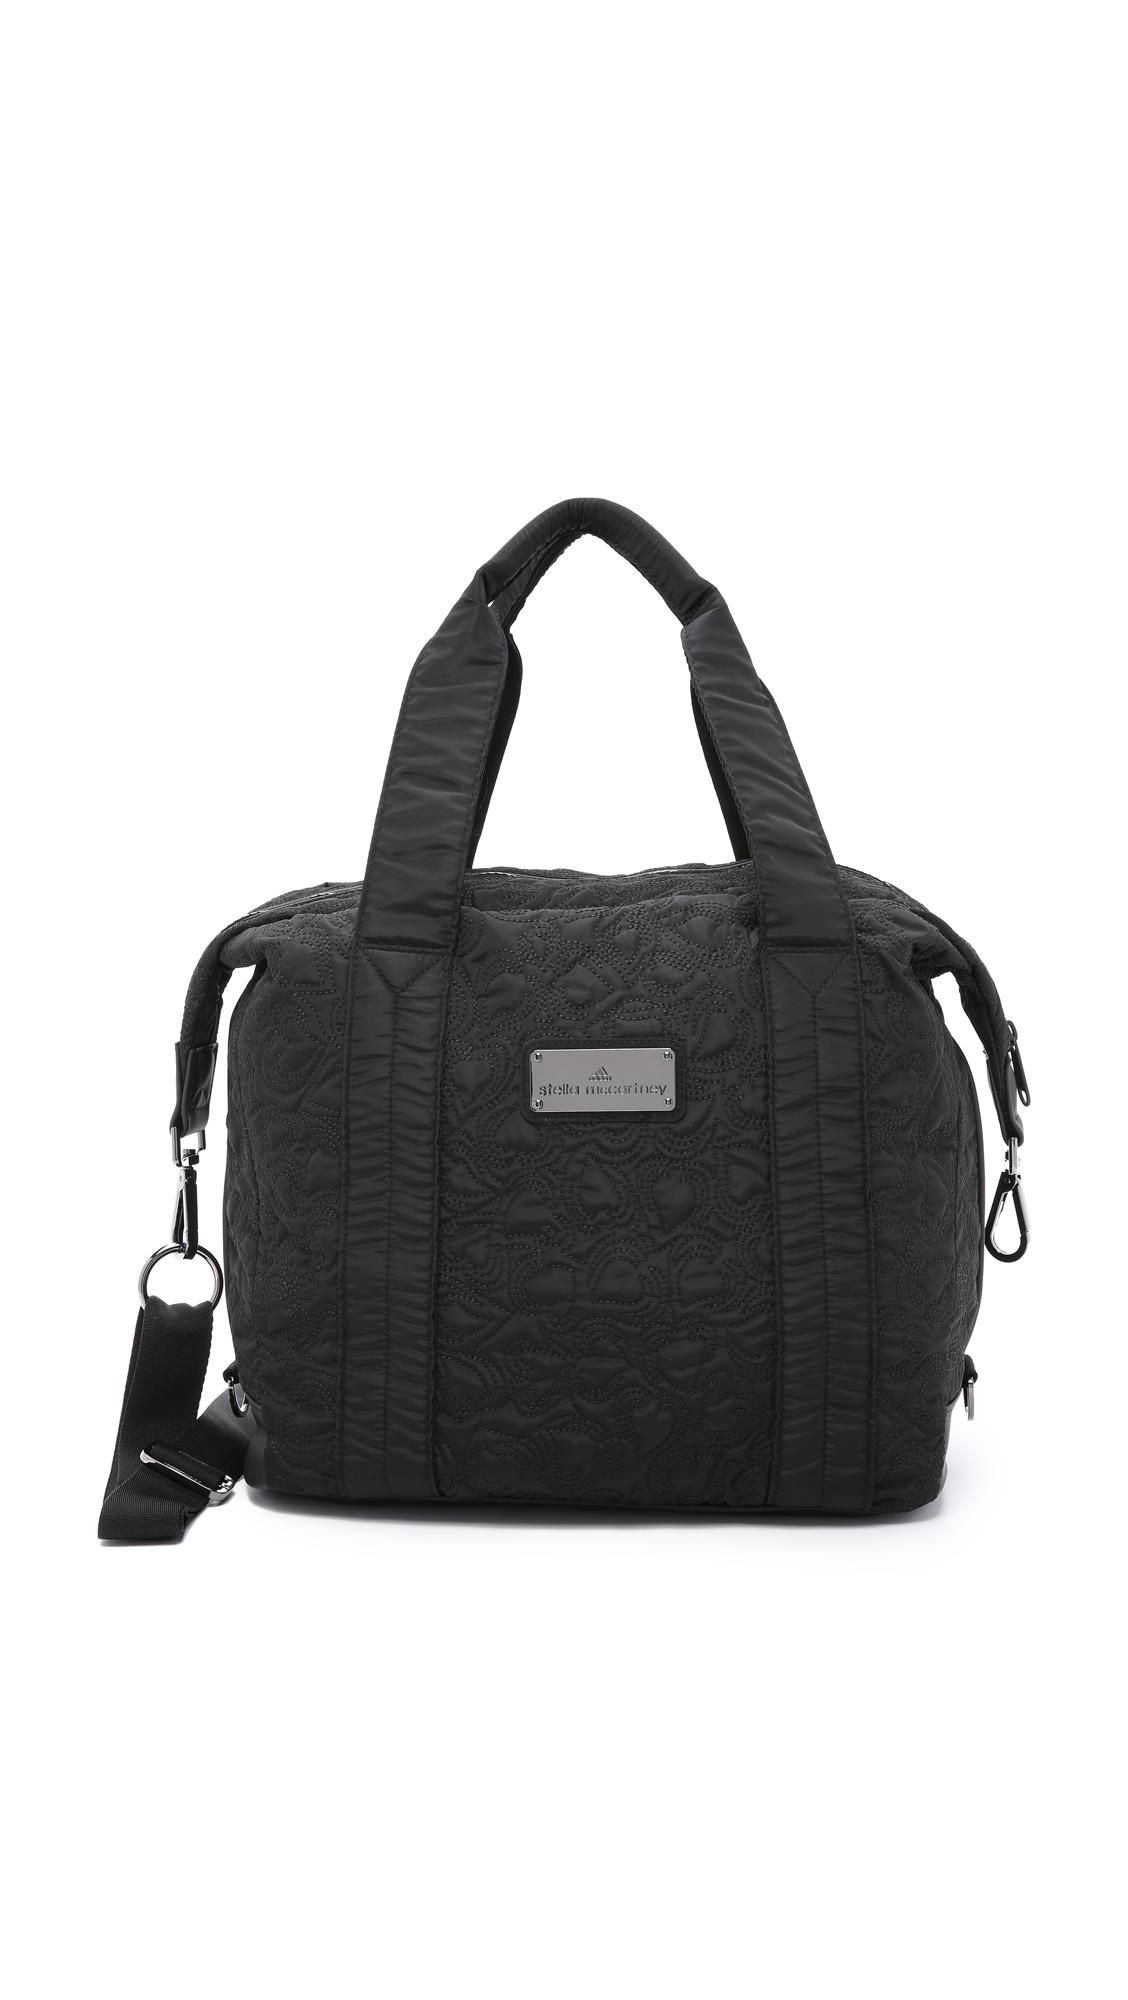 Lyst Adidas By Stella Mccartney Small Gym Bag Black In